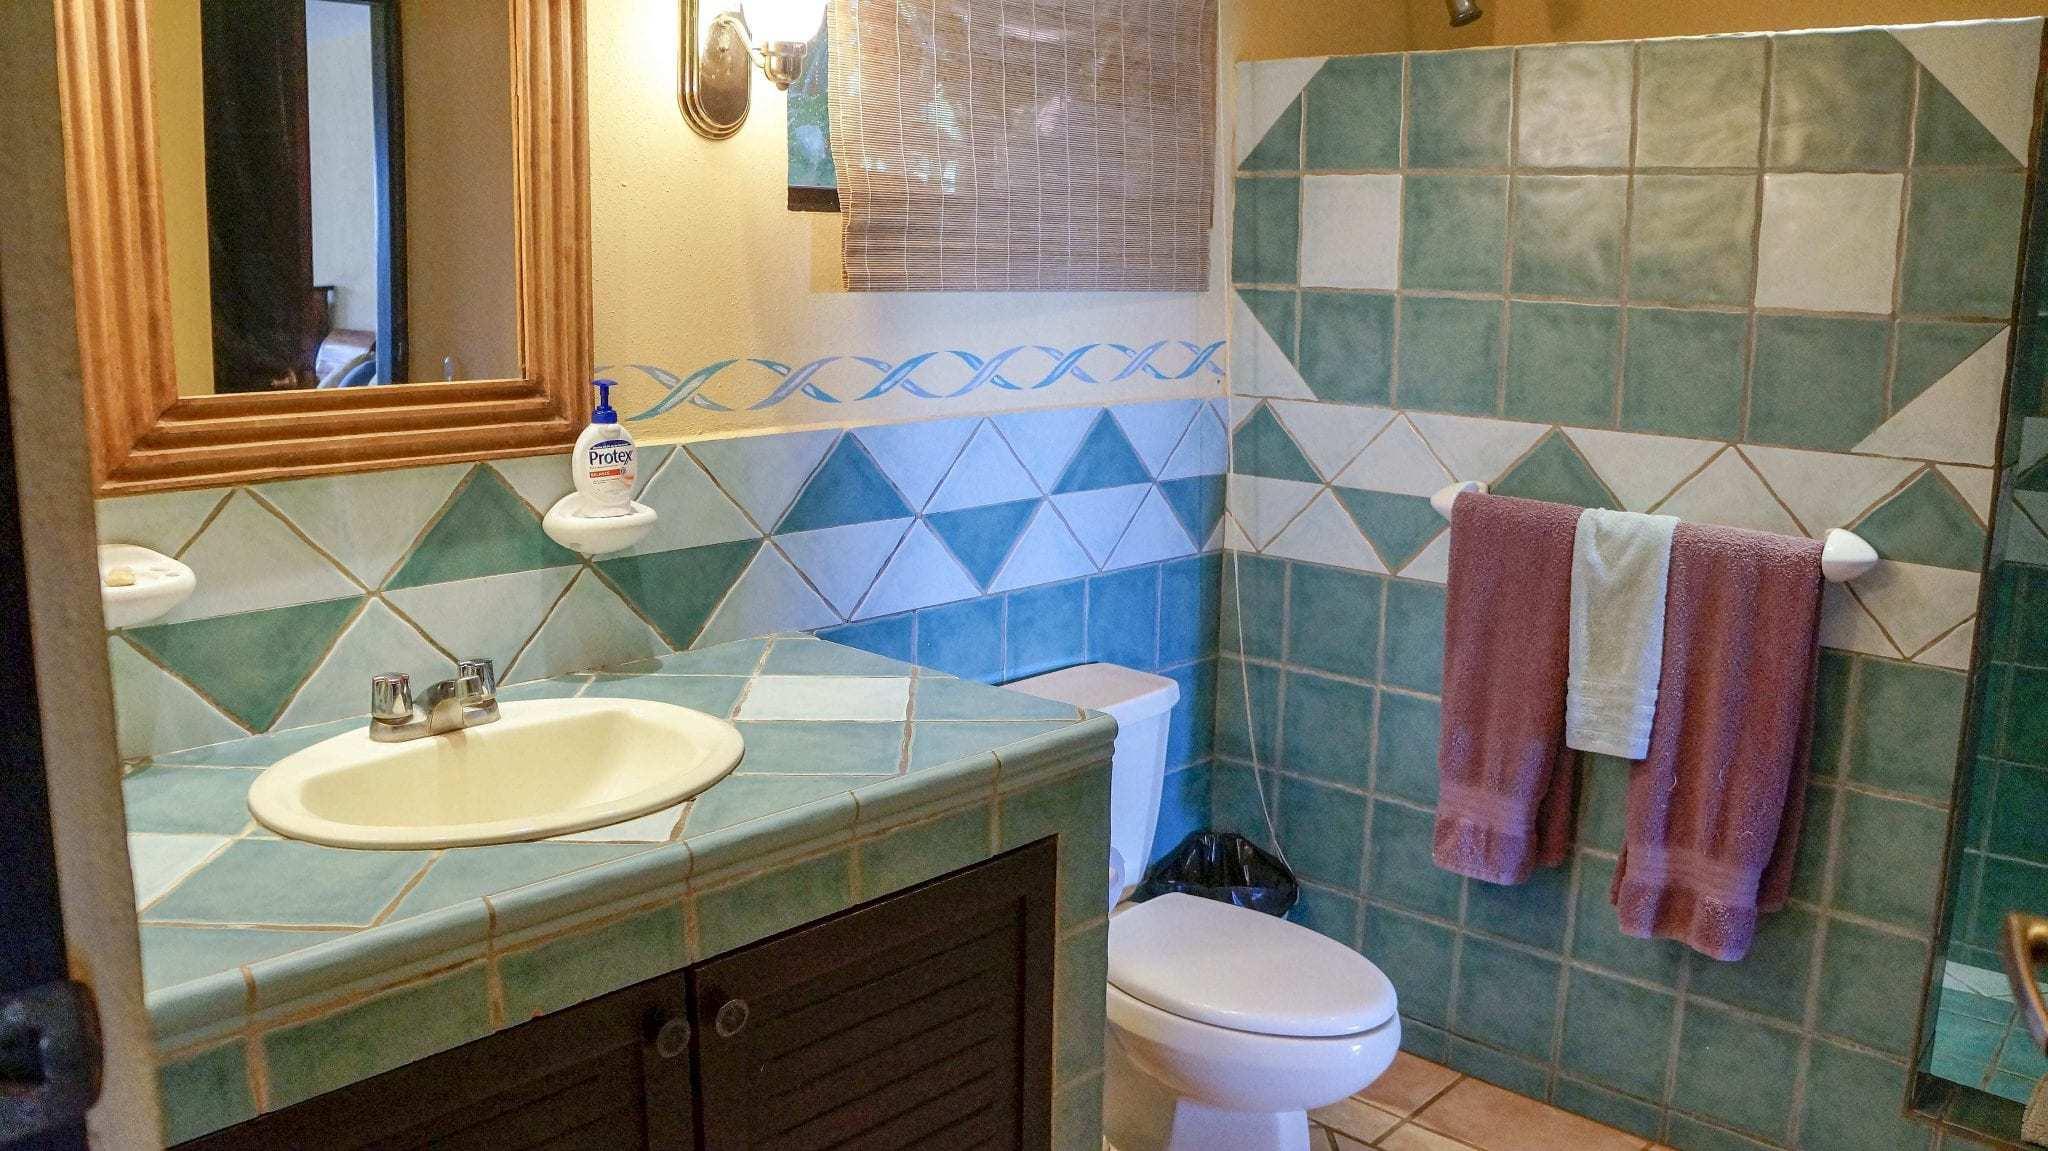 D512 - Bathroom